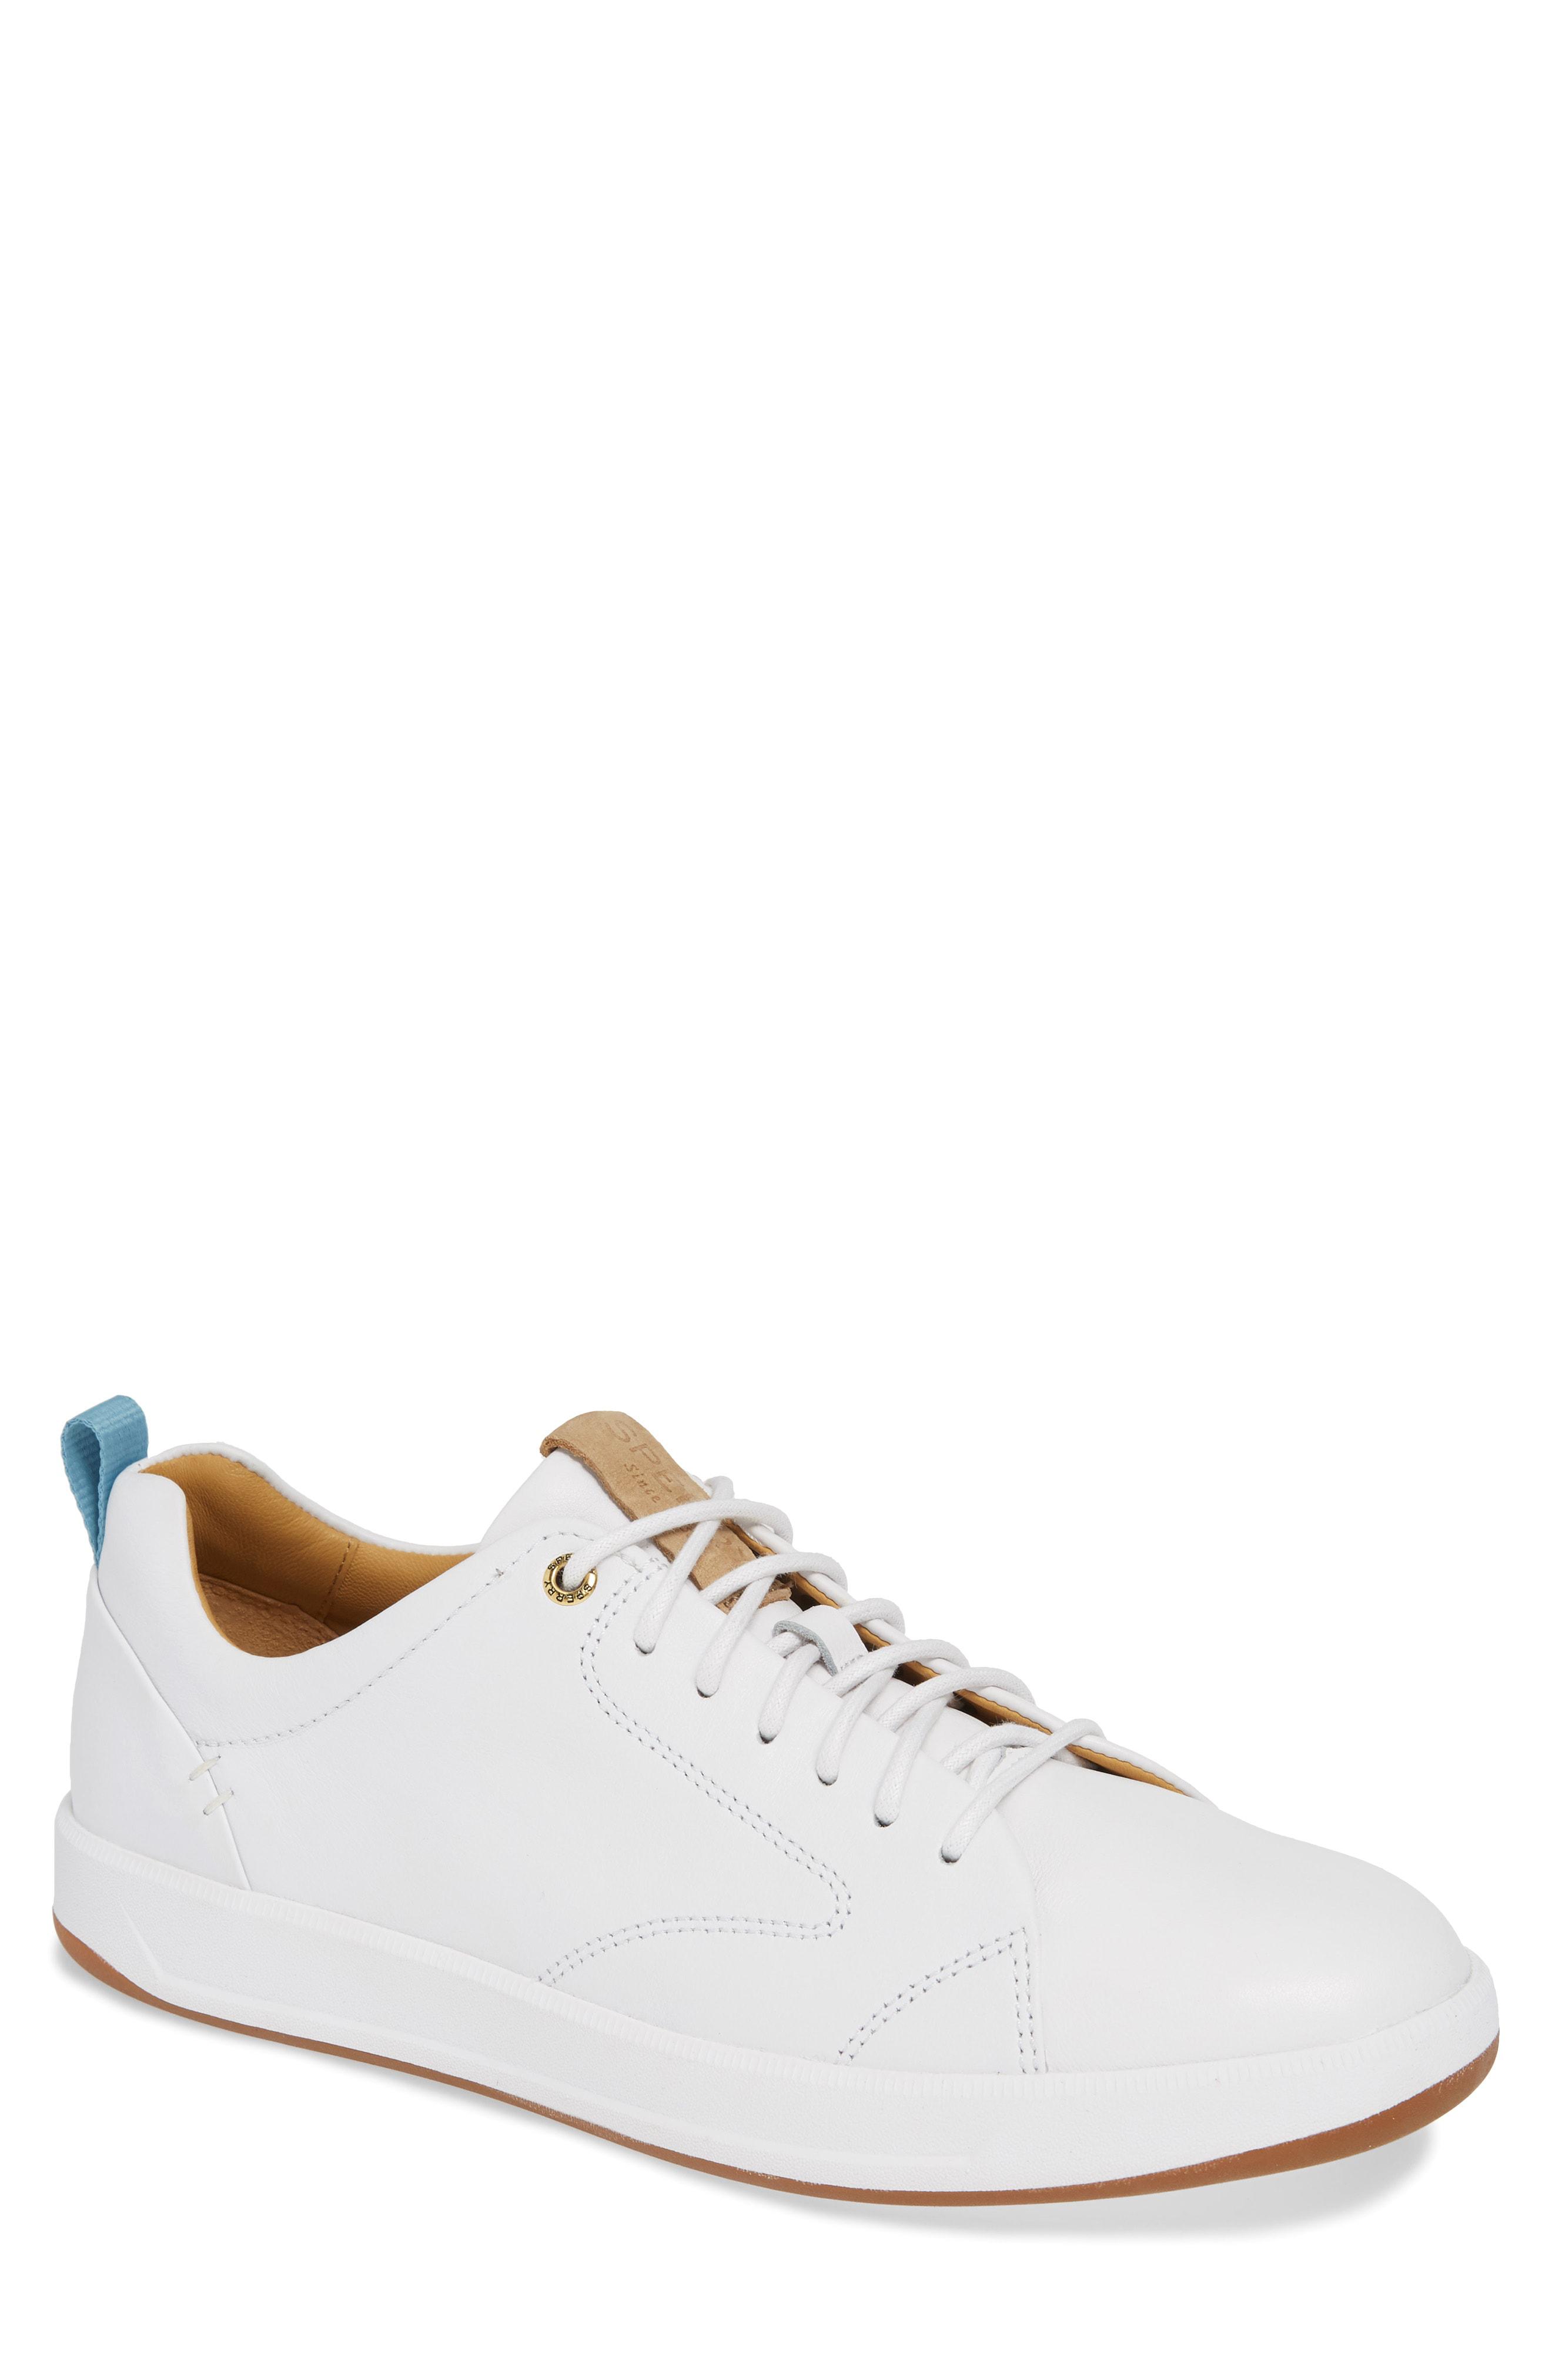 359ac2720581 Sperry Gold Cup Richfield Ltt Sneaker In Tan